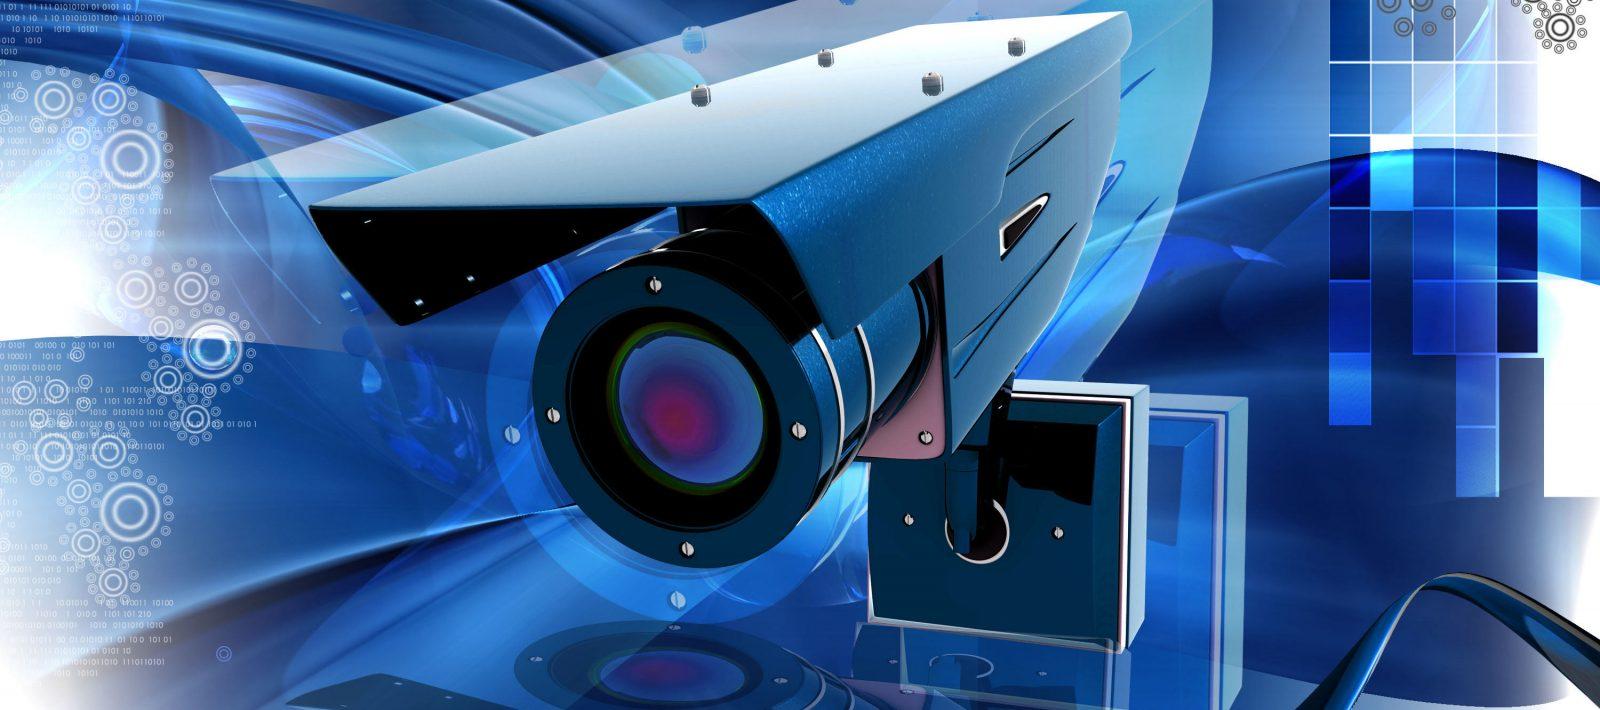 Схематичное изображение камеры наружного видеонаблюдения